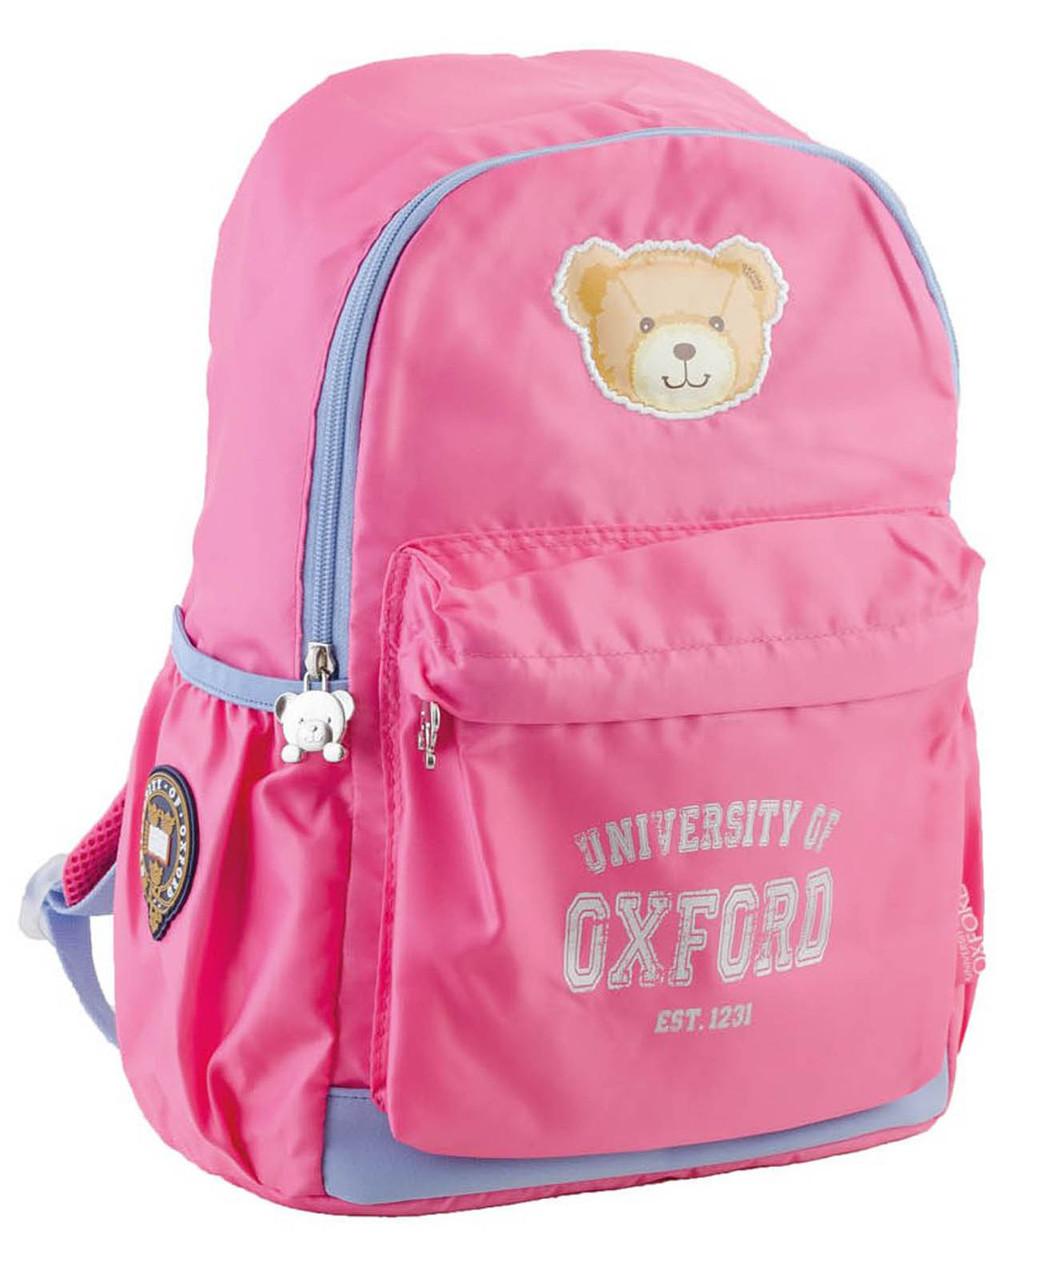 Рюкзак детский дошкольный YES OX-17 j031, 26*37*15.5 код: 554068